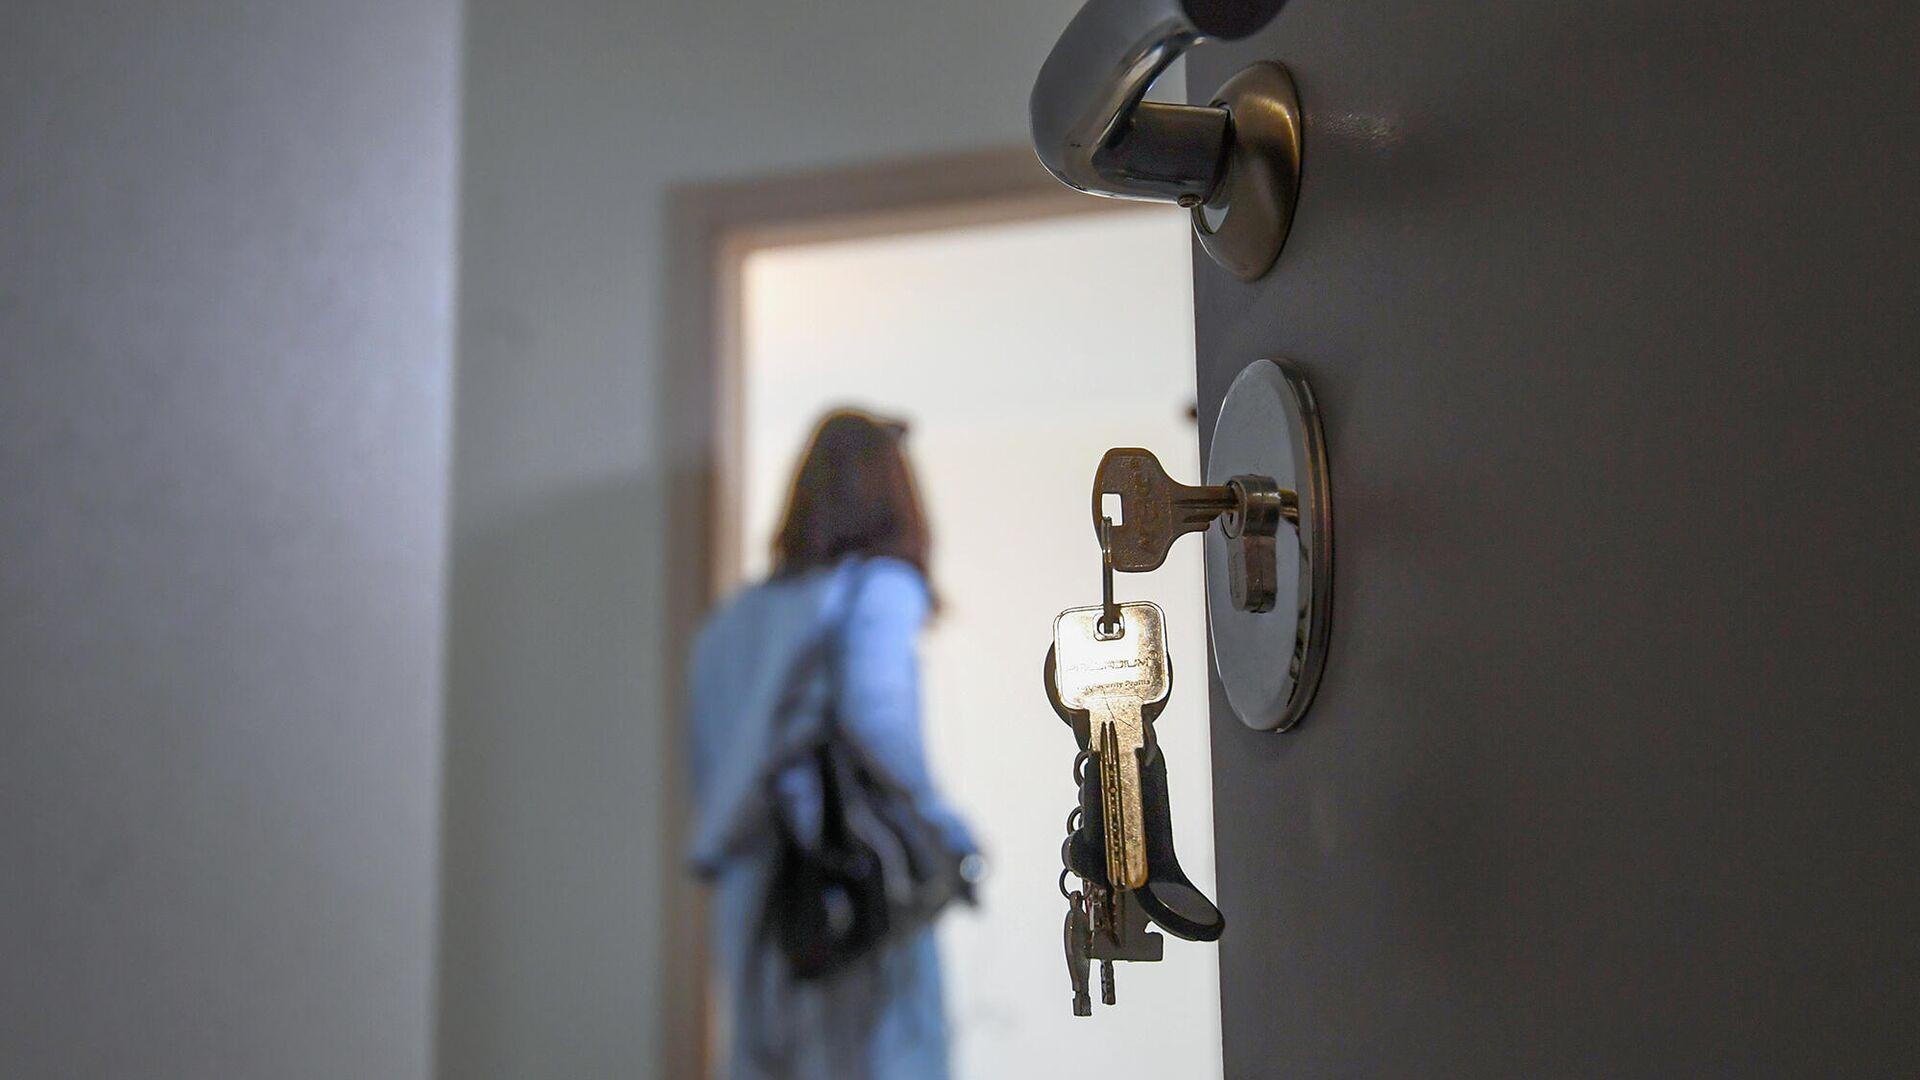 Входная дверь в одной из квартир многоэтажного жилого дома - РИА Новости, 1920, 25.08.2021